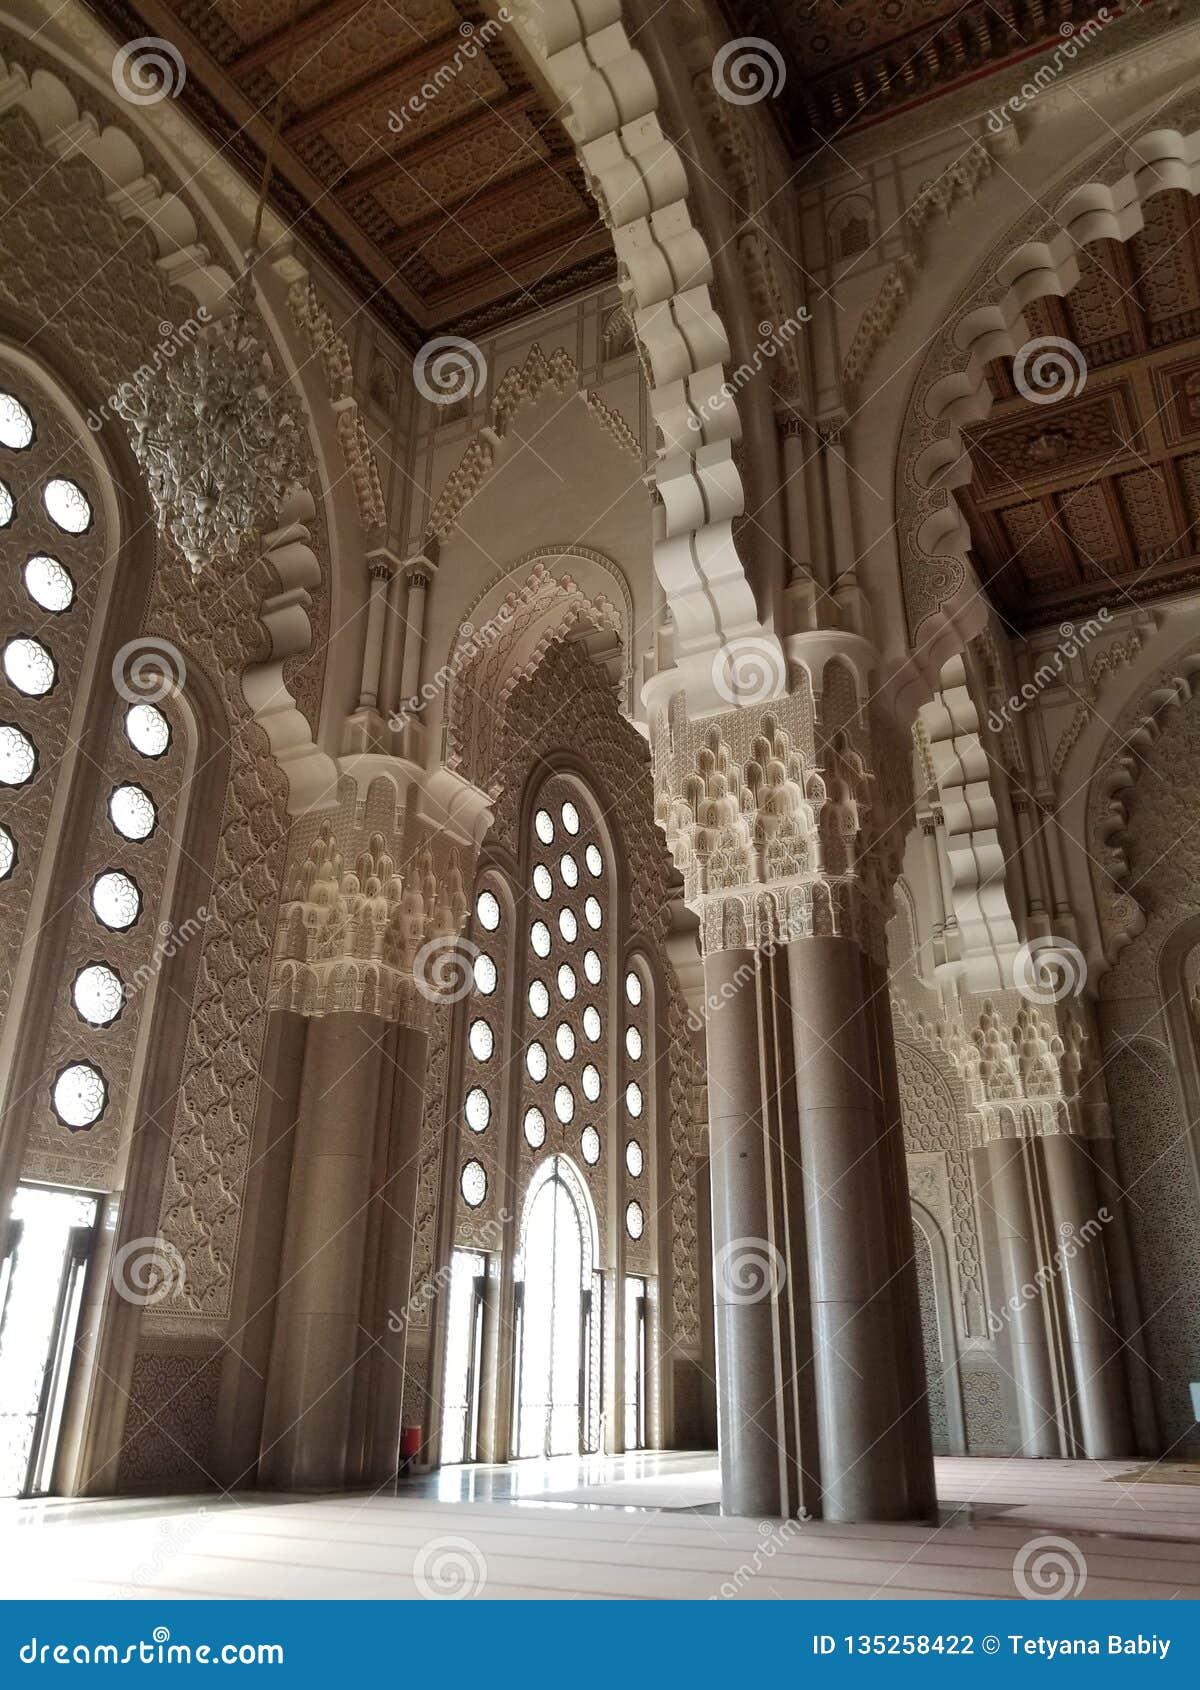 La mezquita de Hassan II - detalles hermosos de la arquitectura y de la decoración